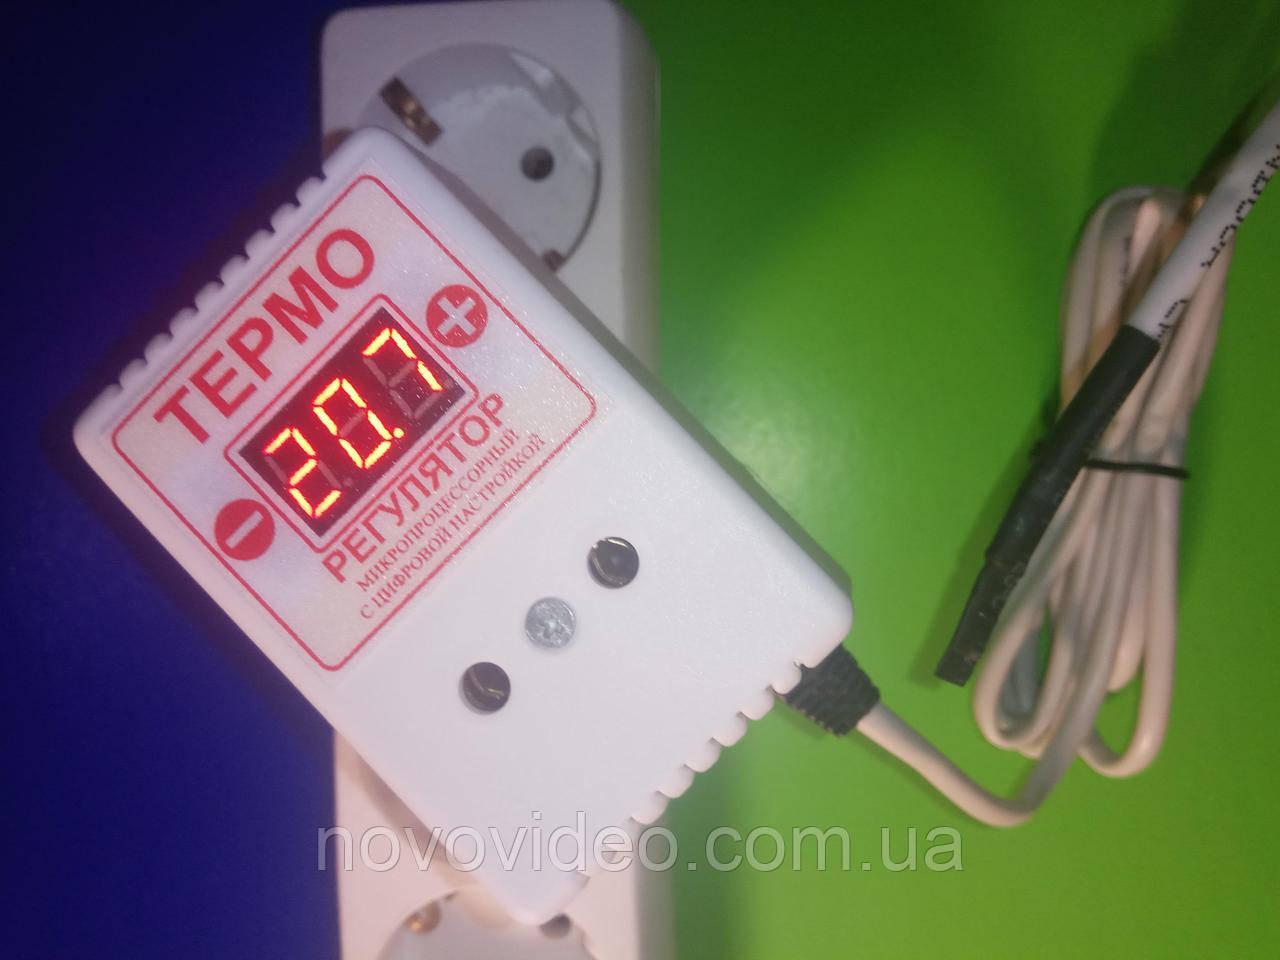 Терморегулятор на две температуры цифровой  ЦТР-2Д  на 10А